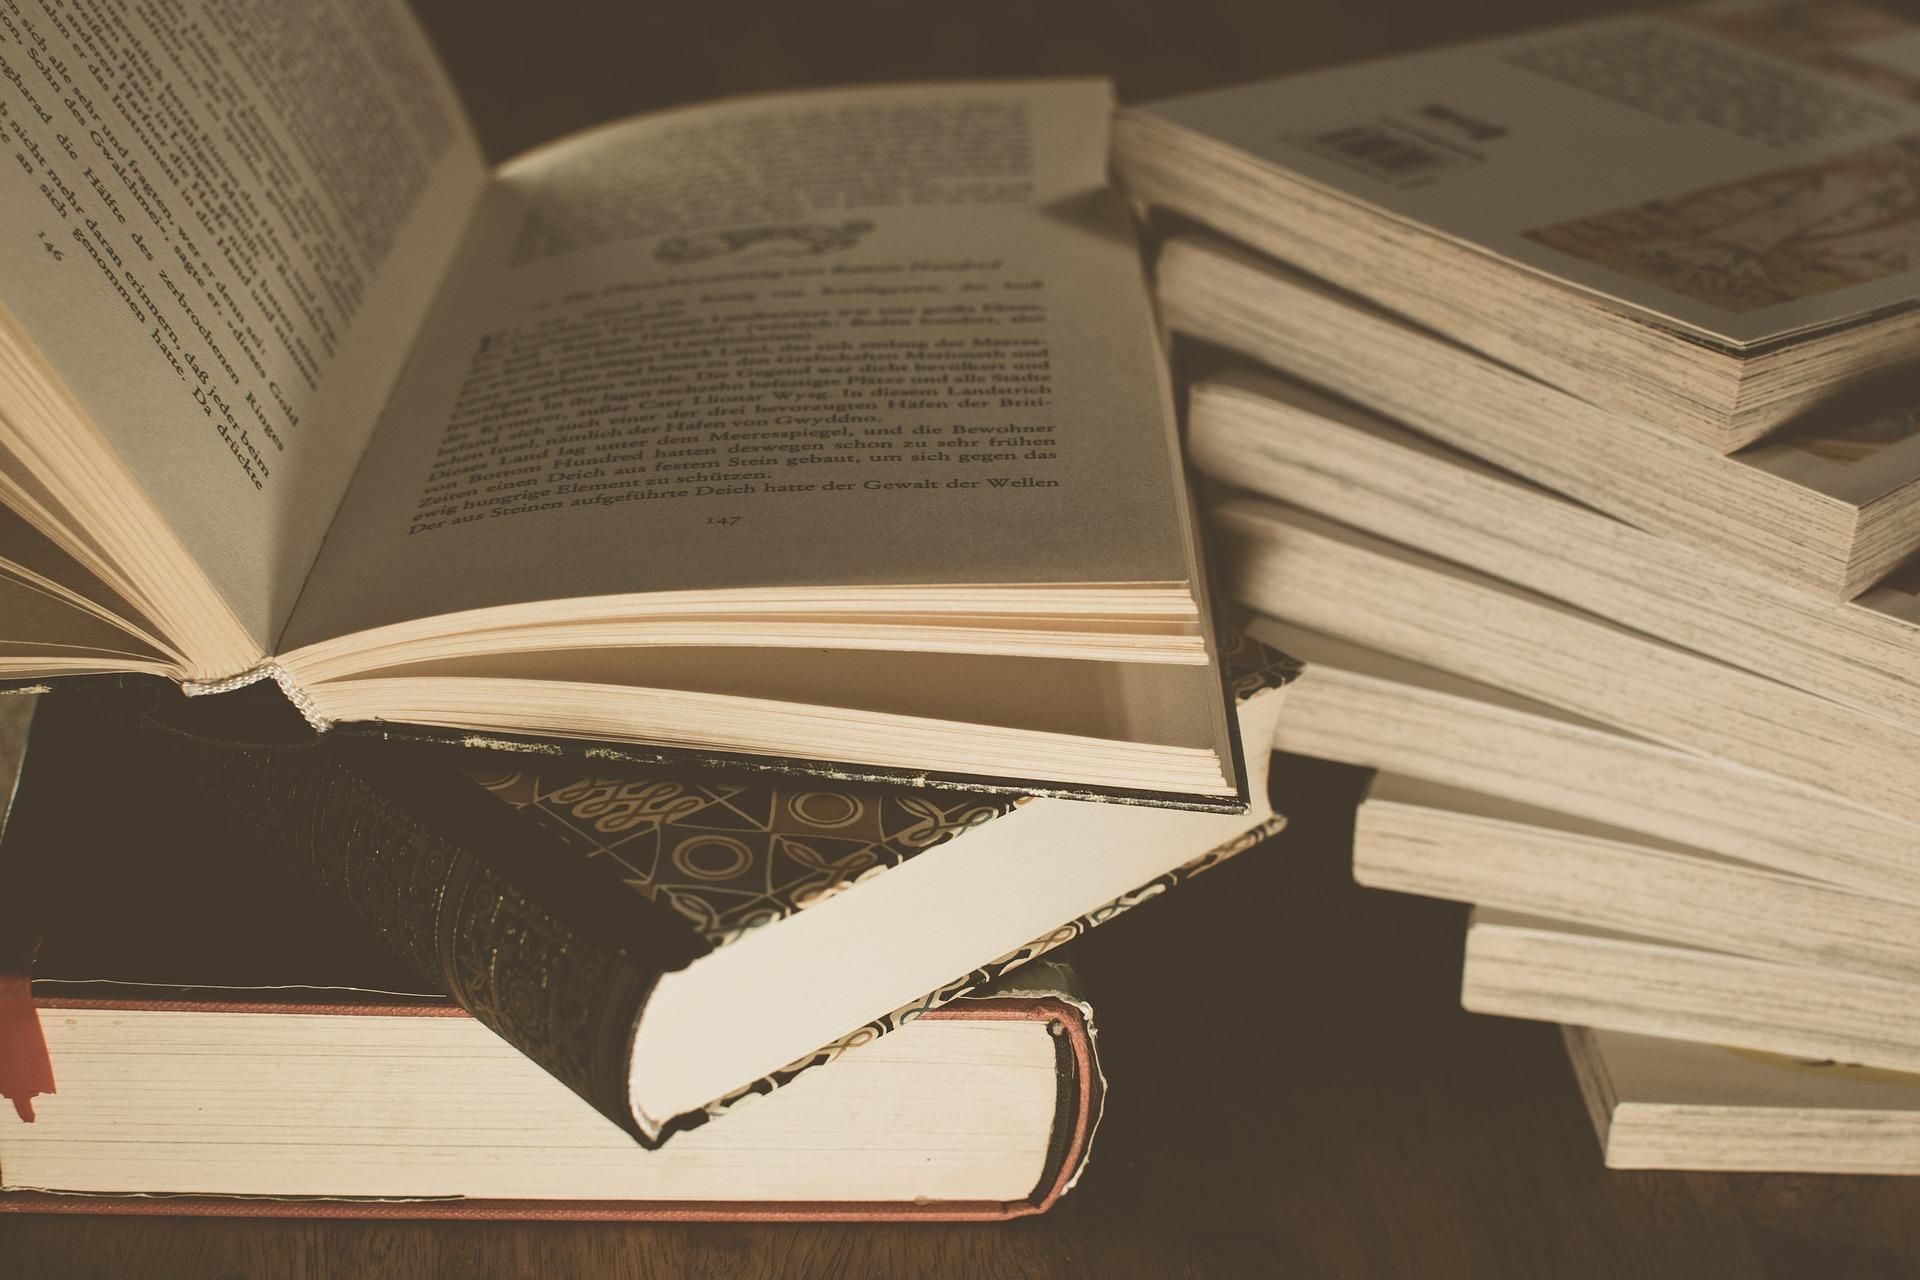 literature-3324023_1920